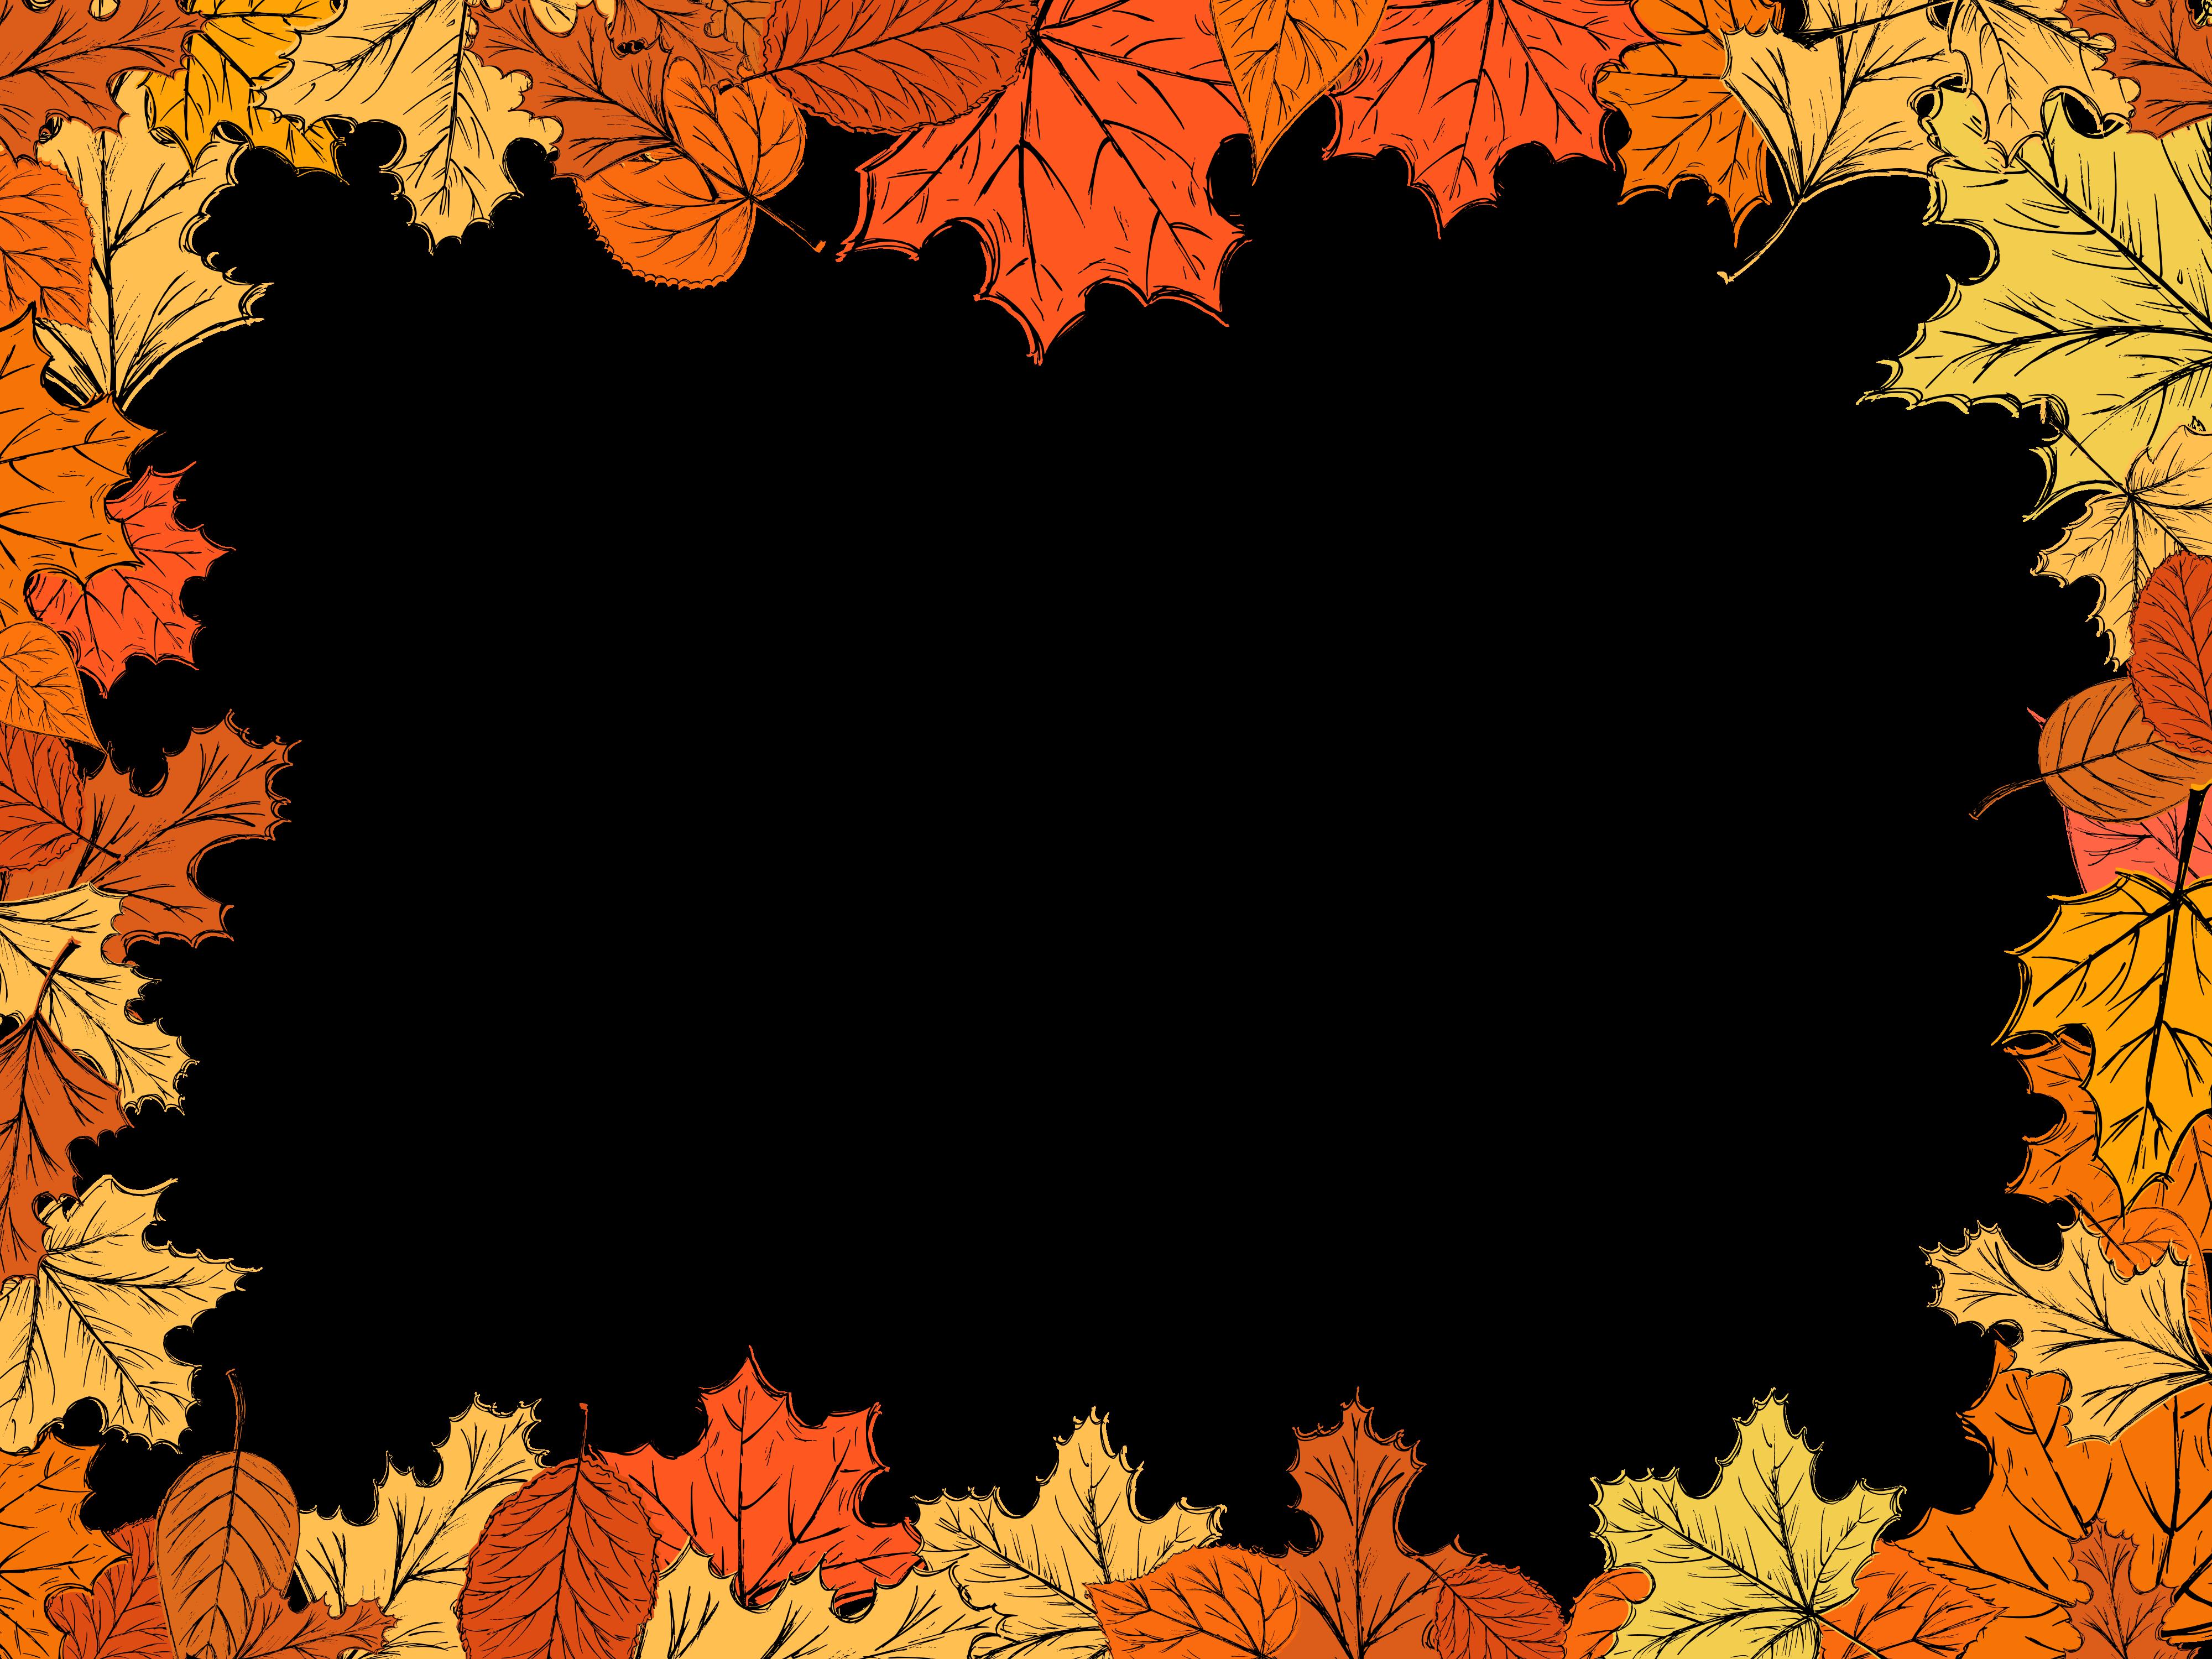 autumn-leaf-frame-border-2.png